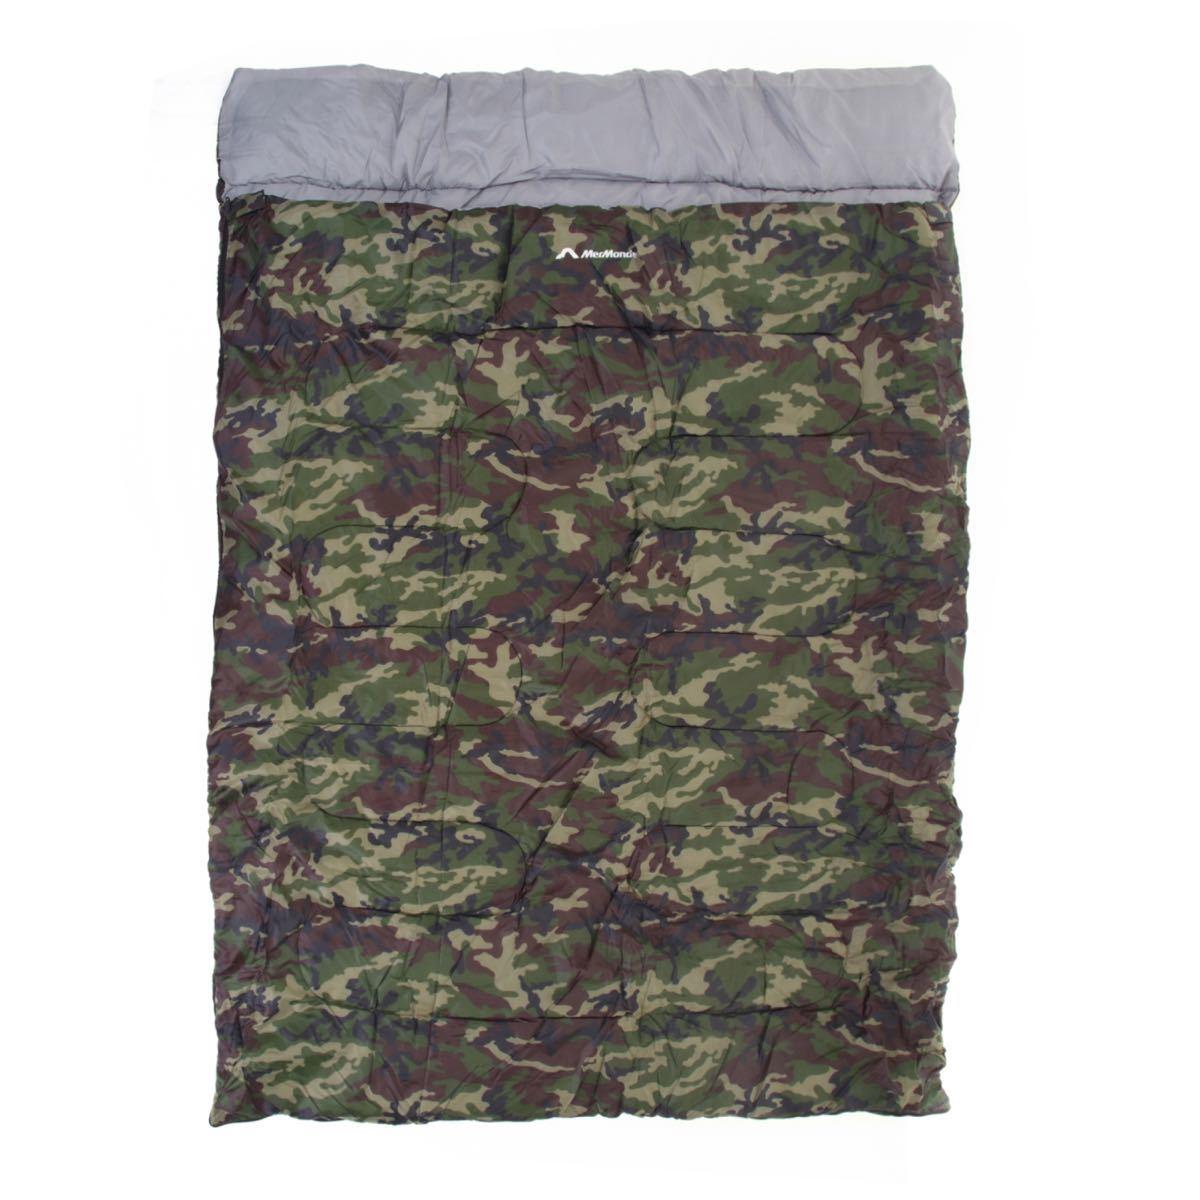 寝袋 シュラフ アウトドア キャンプ 2人用 マットレス車中泊 マット お泊り